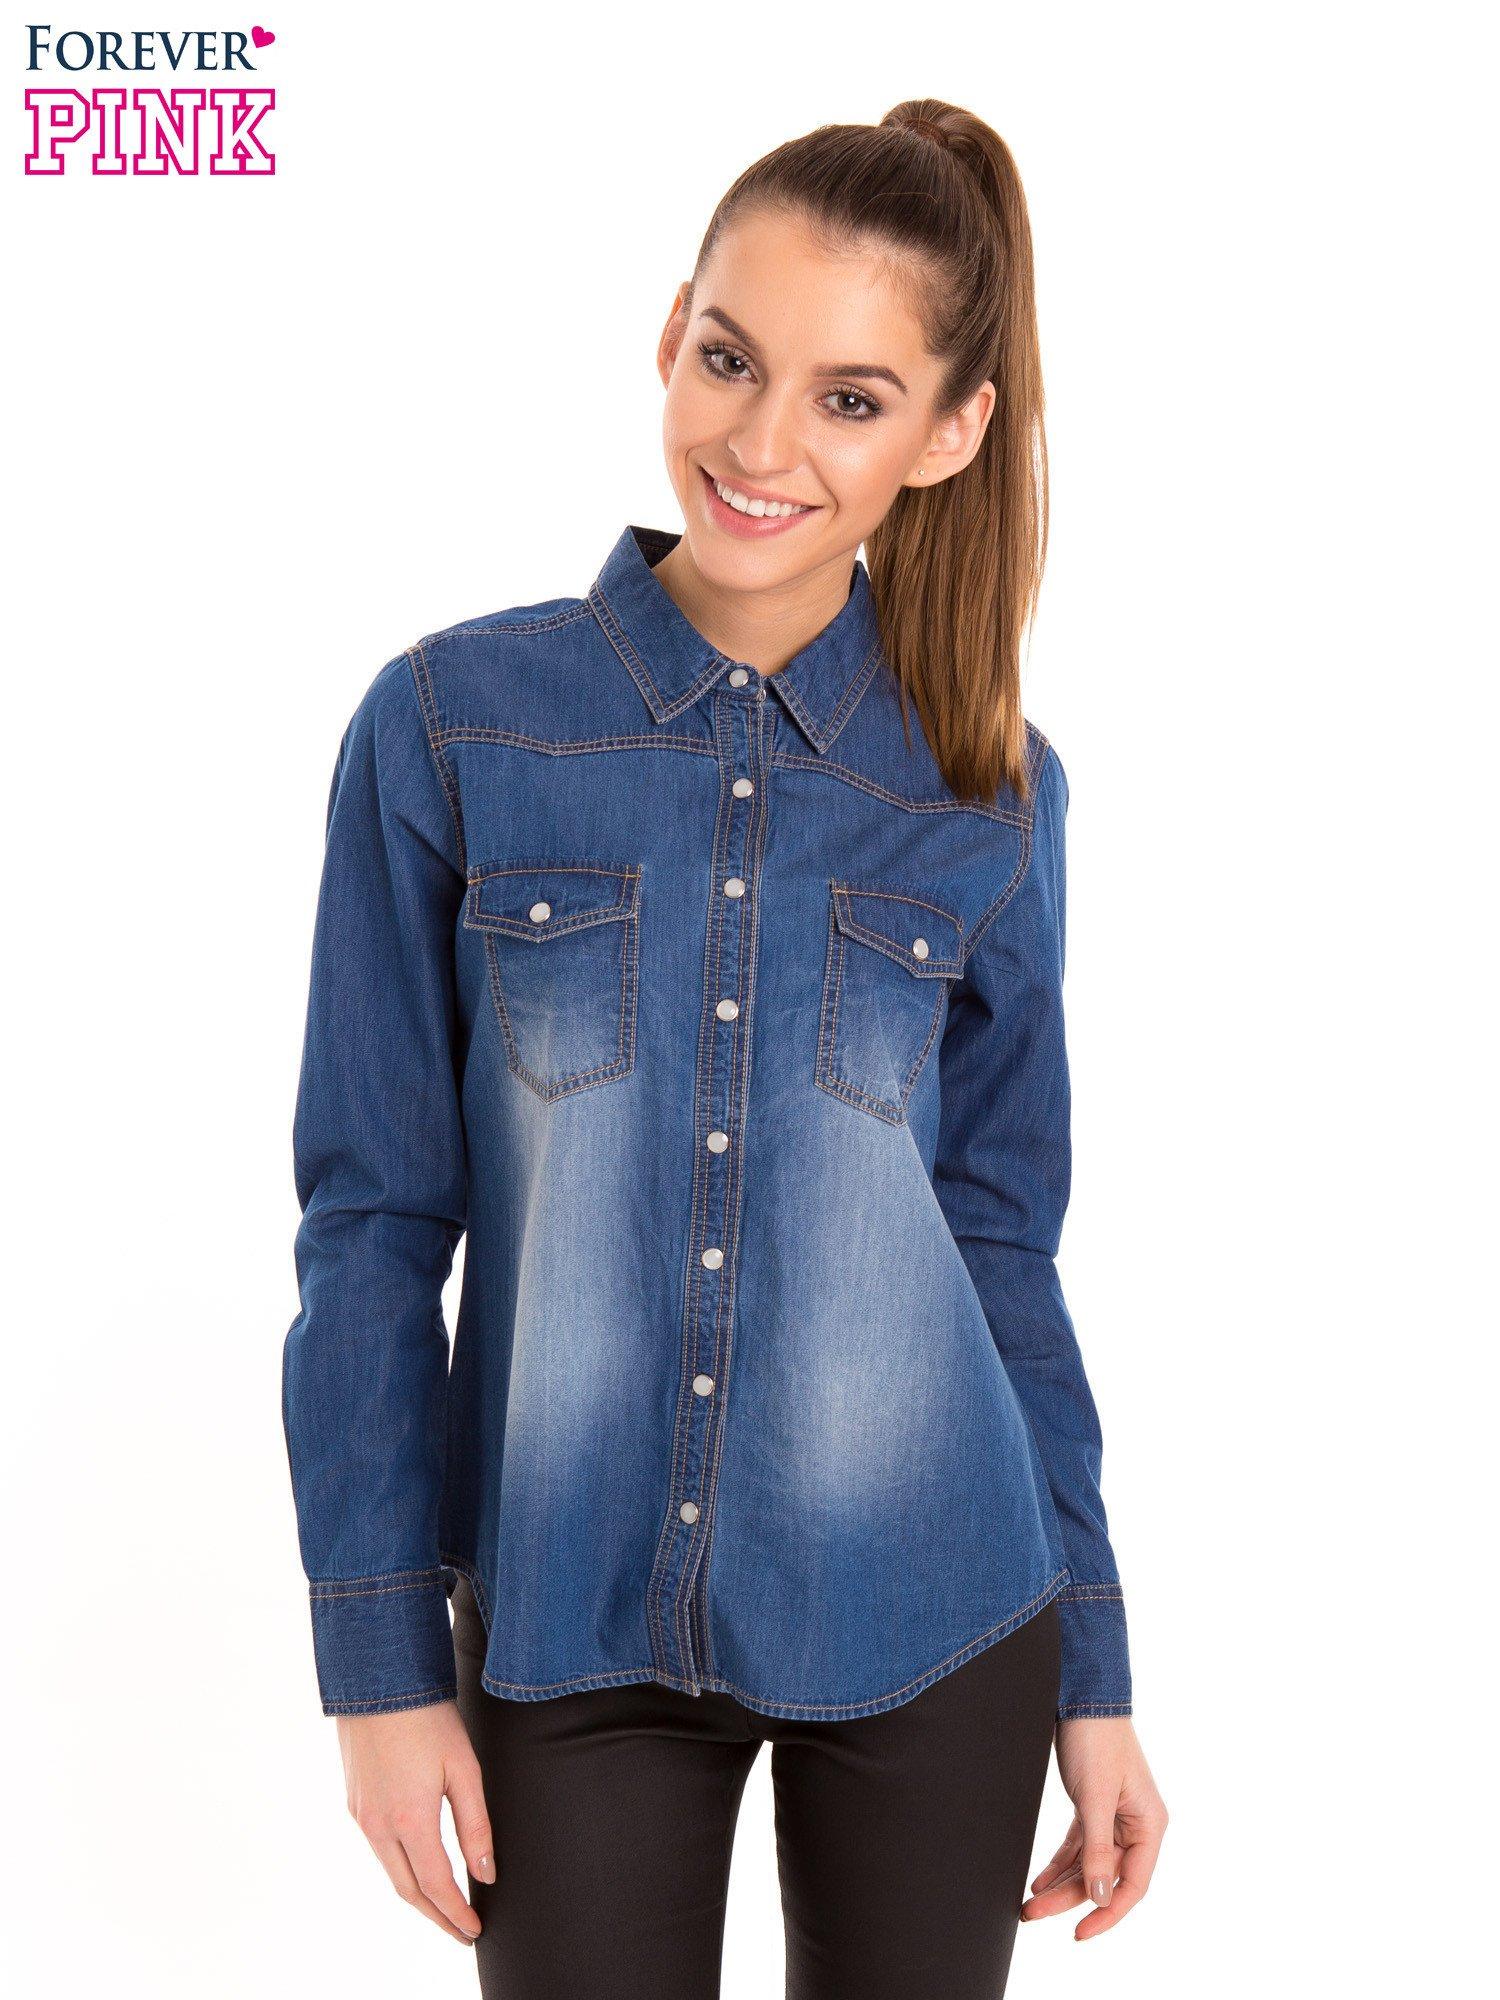 Niebieska jeansowa koszula z przetarciami                                  zdj.                                  1